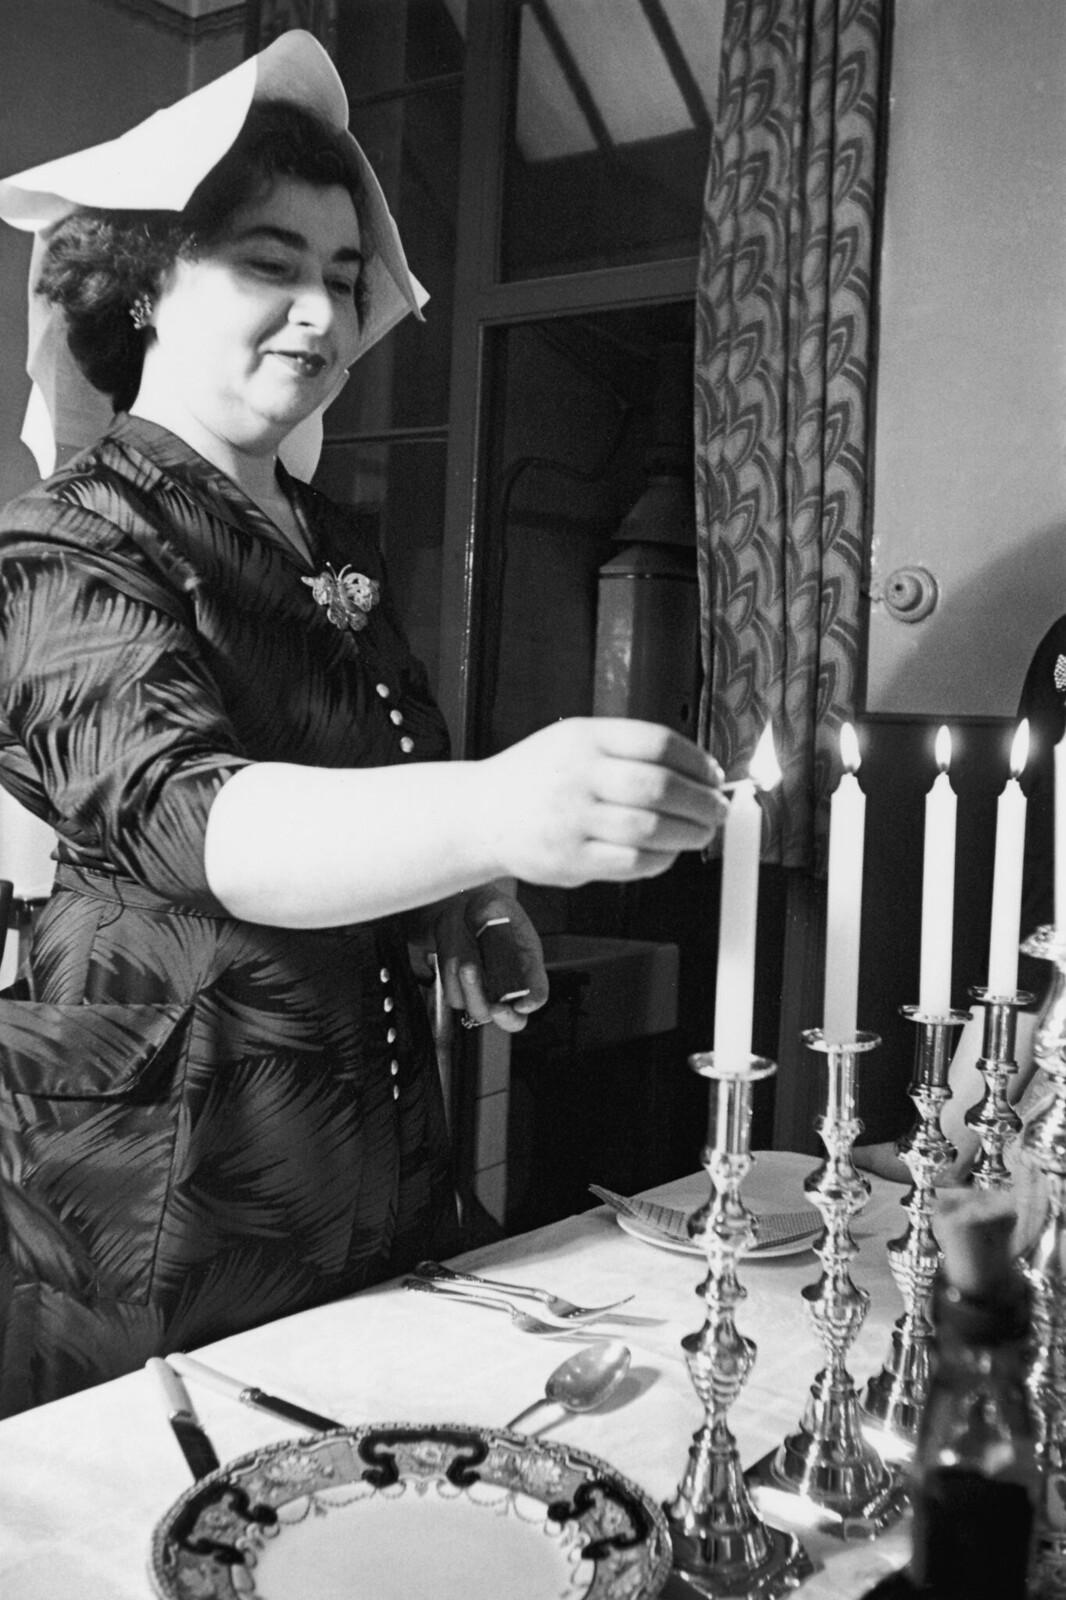 05. Еврейская мать из лондонского района Уайтчепел зажигает субботние свечи во время Песаха